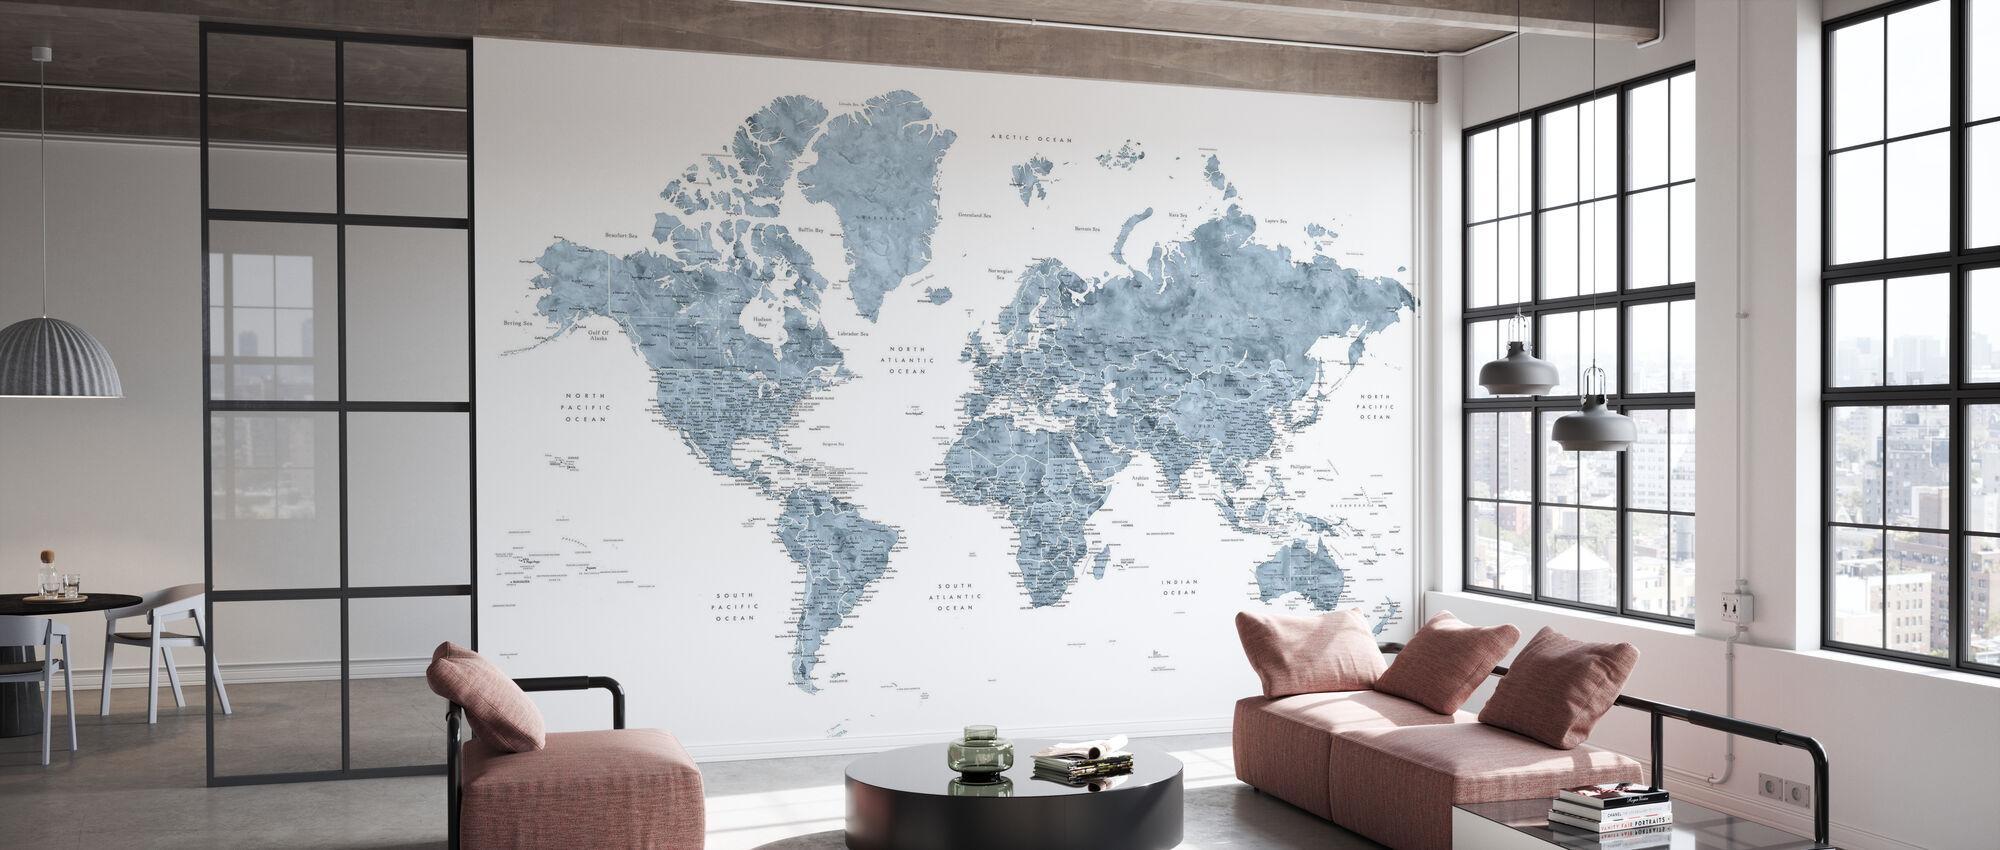 Weltkarte mit Städten - Tapete - Büro